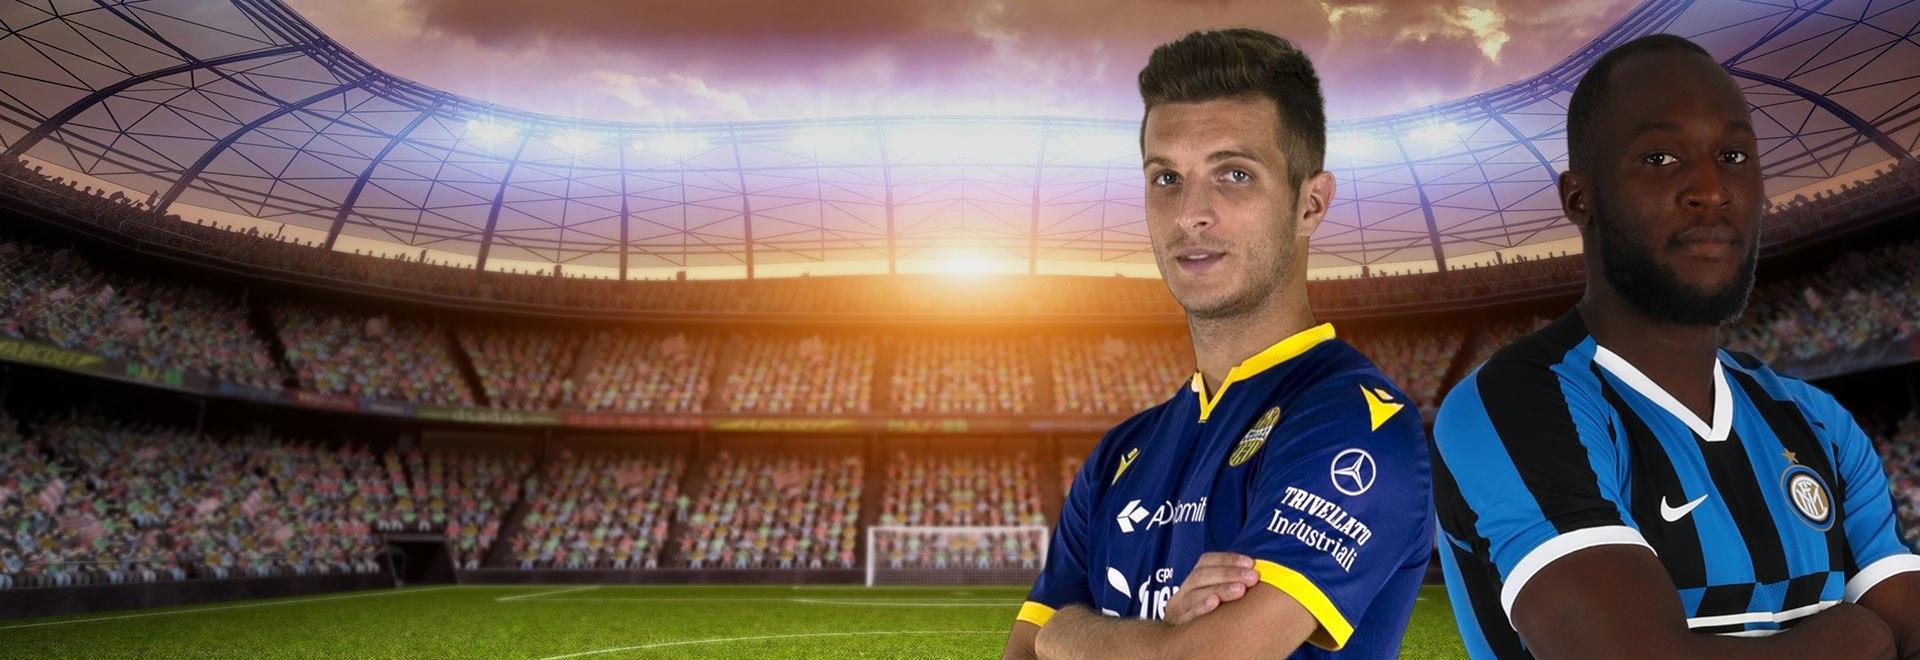 Verona - Inter. 31a g.